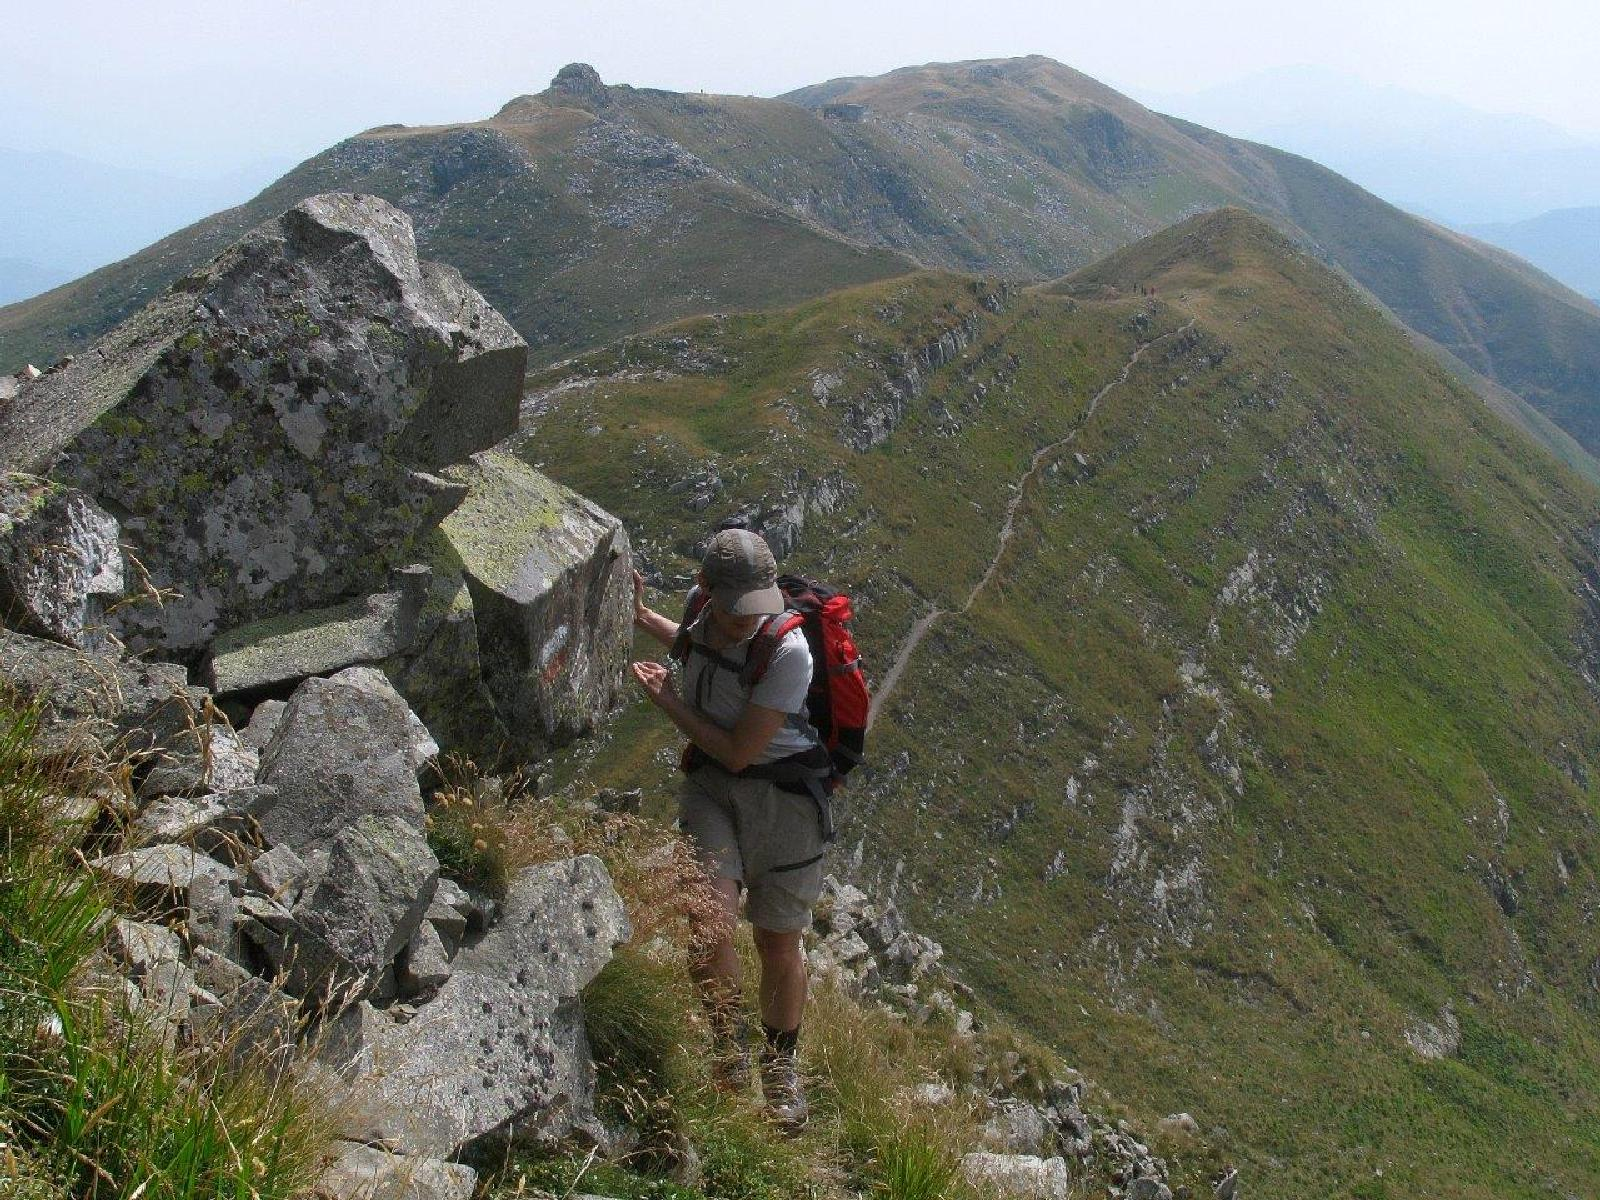 Hiking Emilia-Romagna